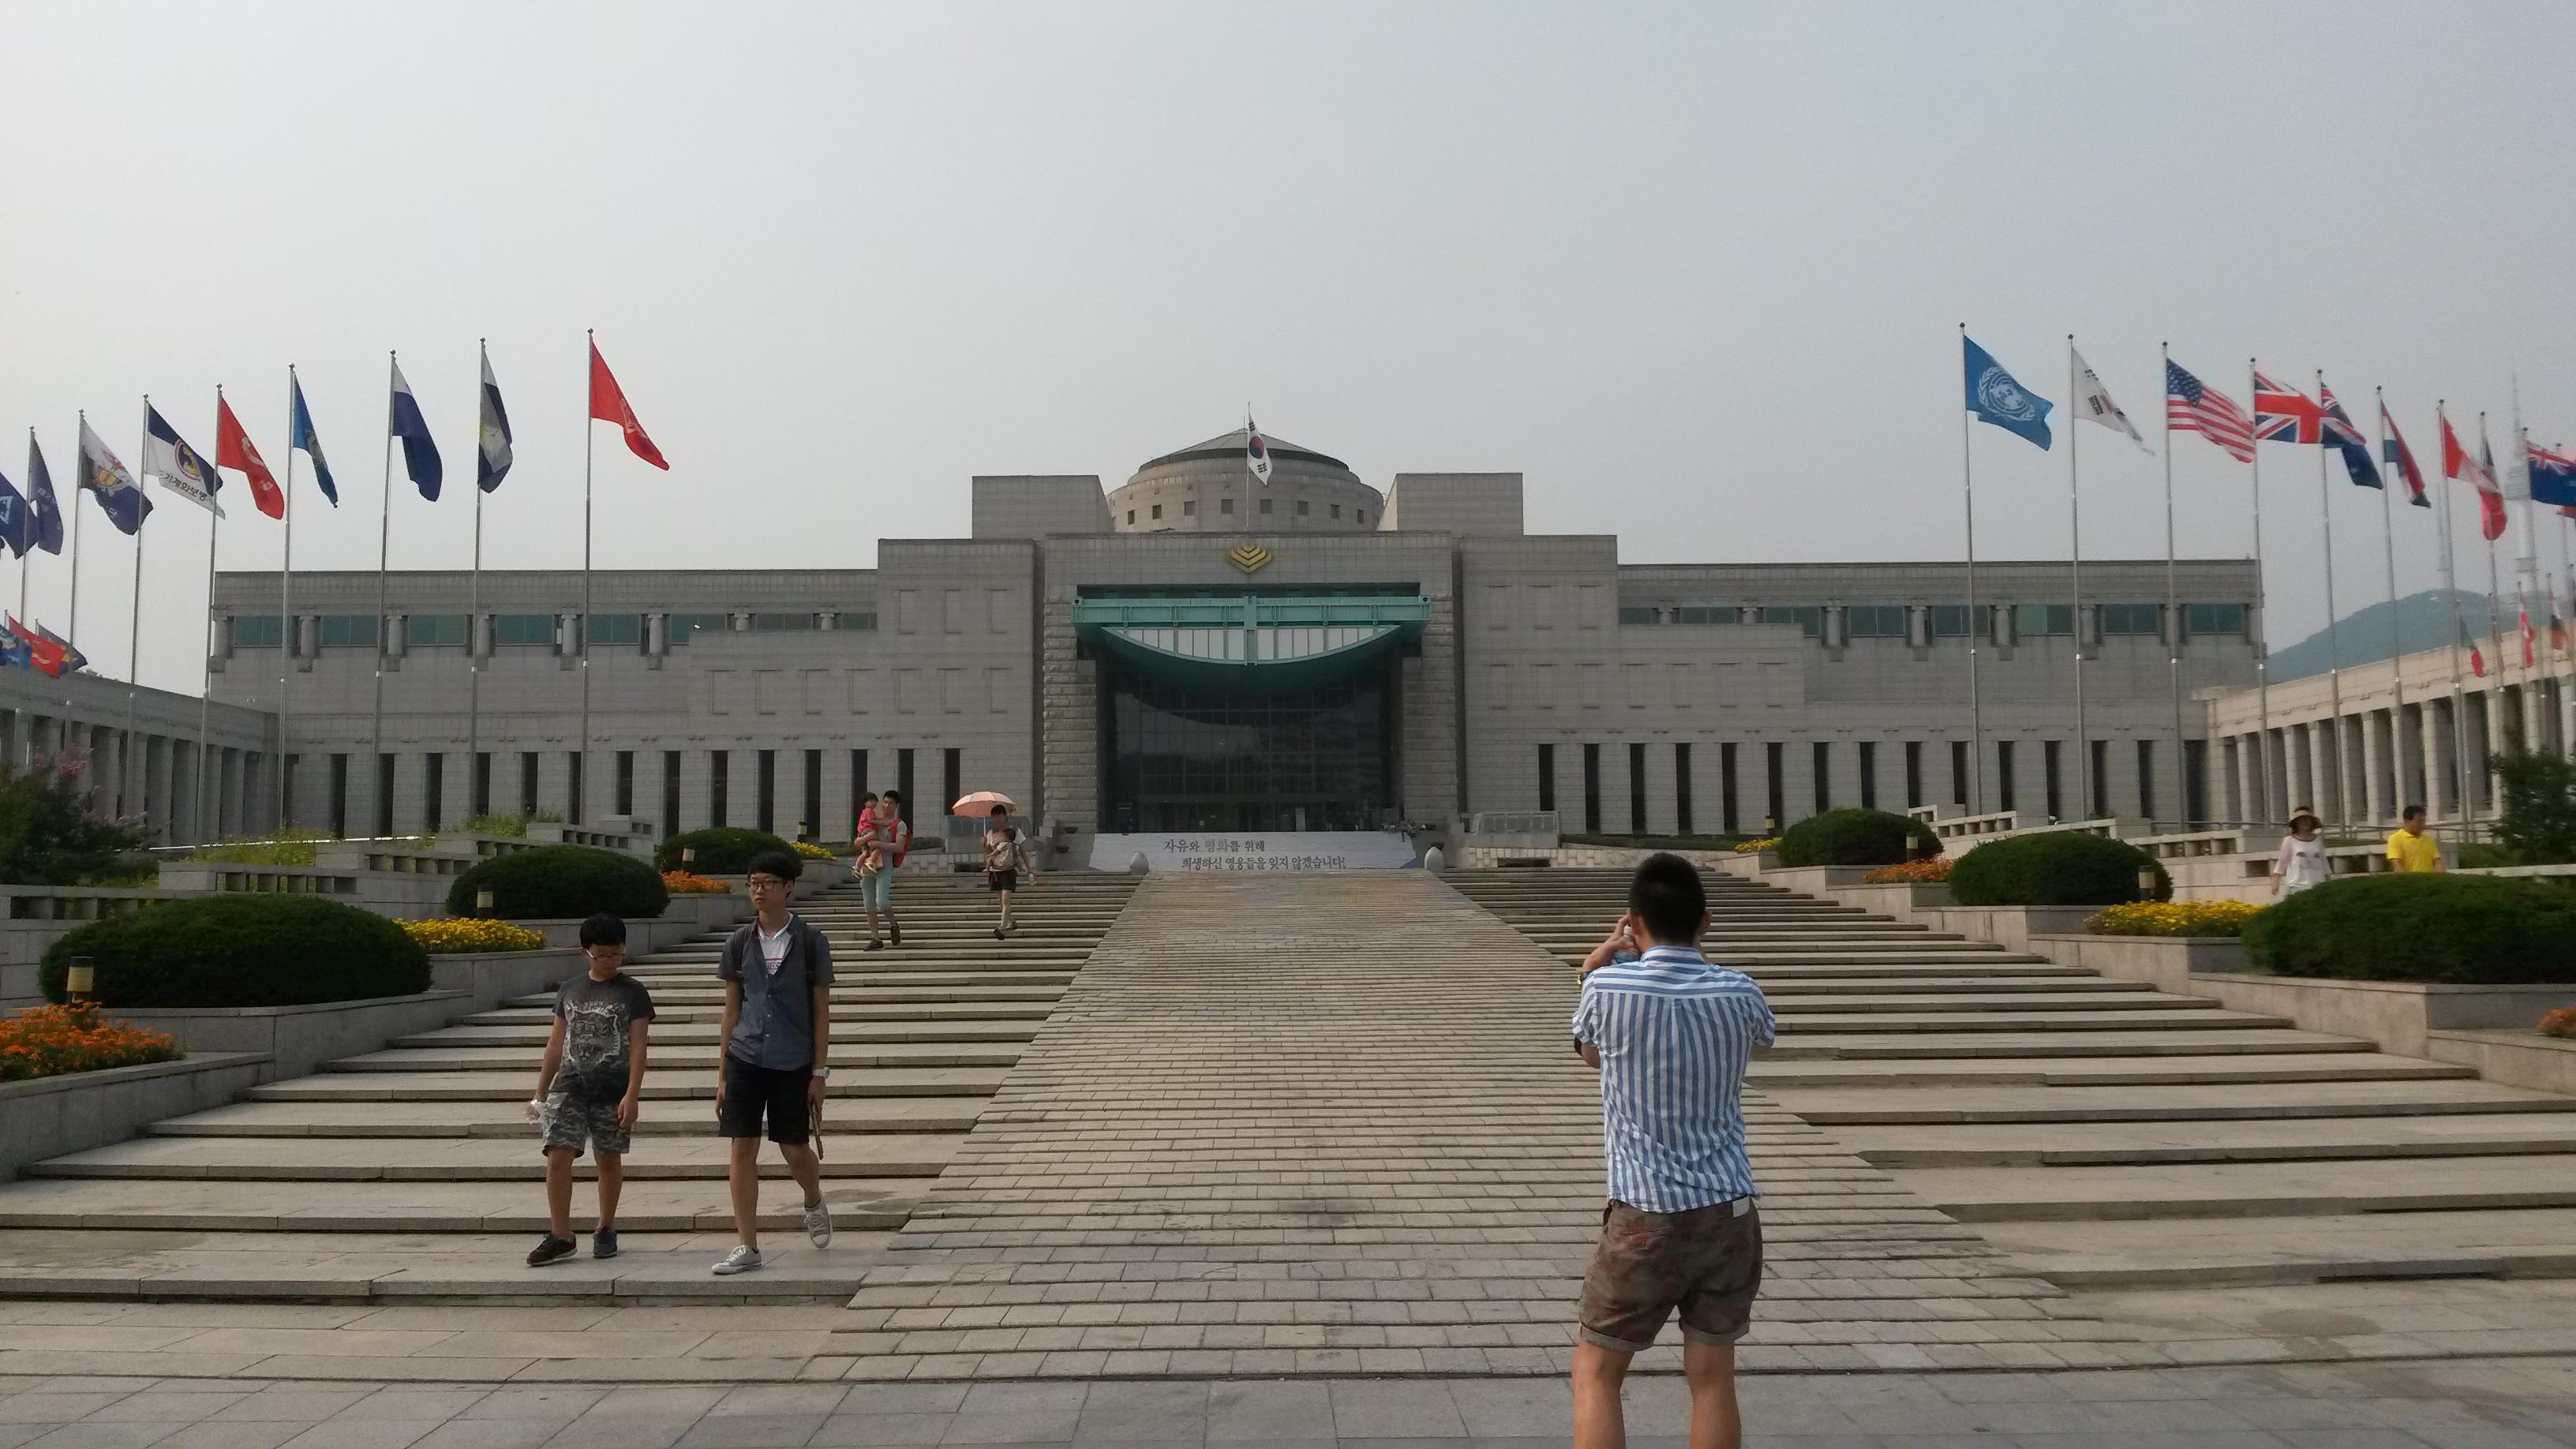 Frontal view of the Korean War Memorial Museum